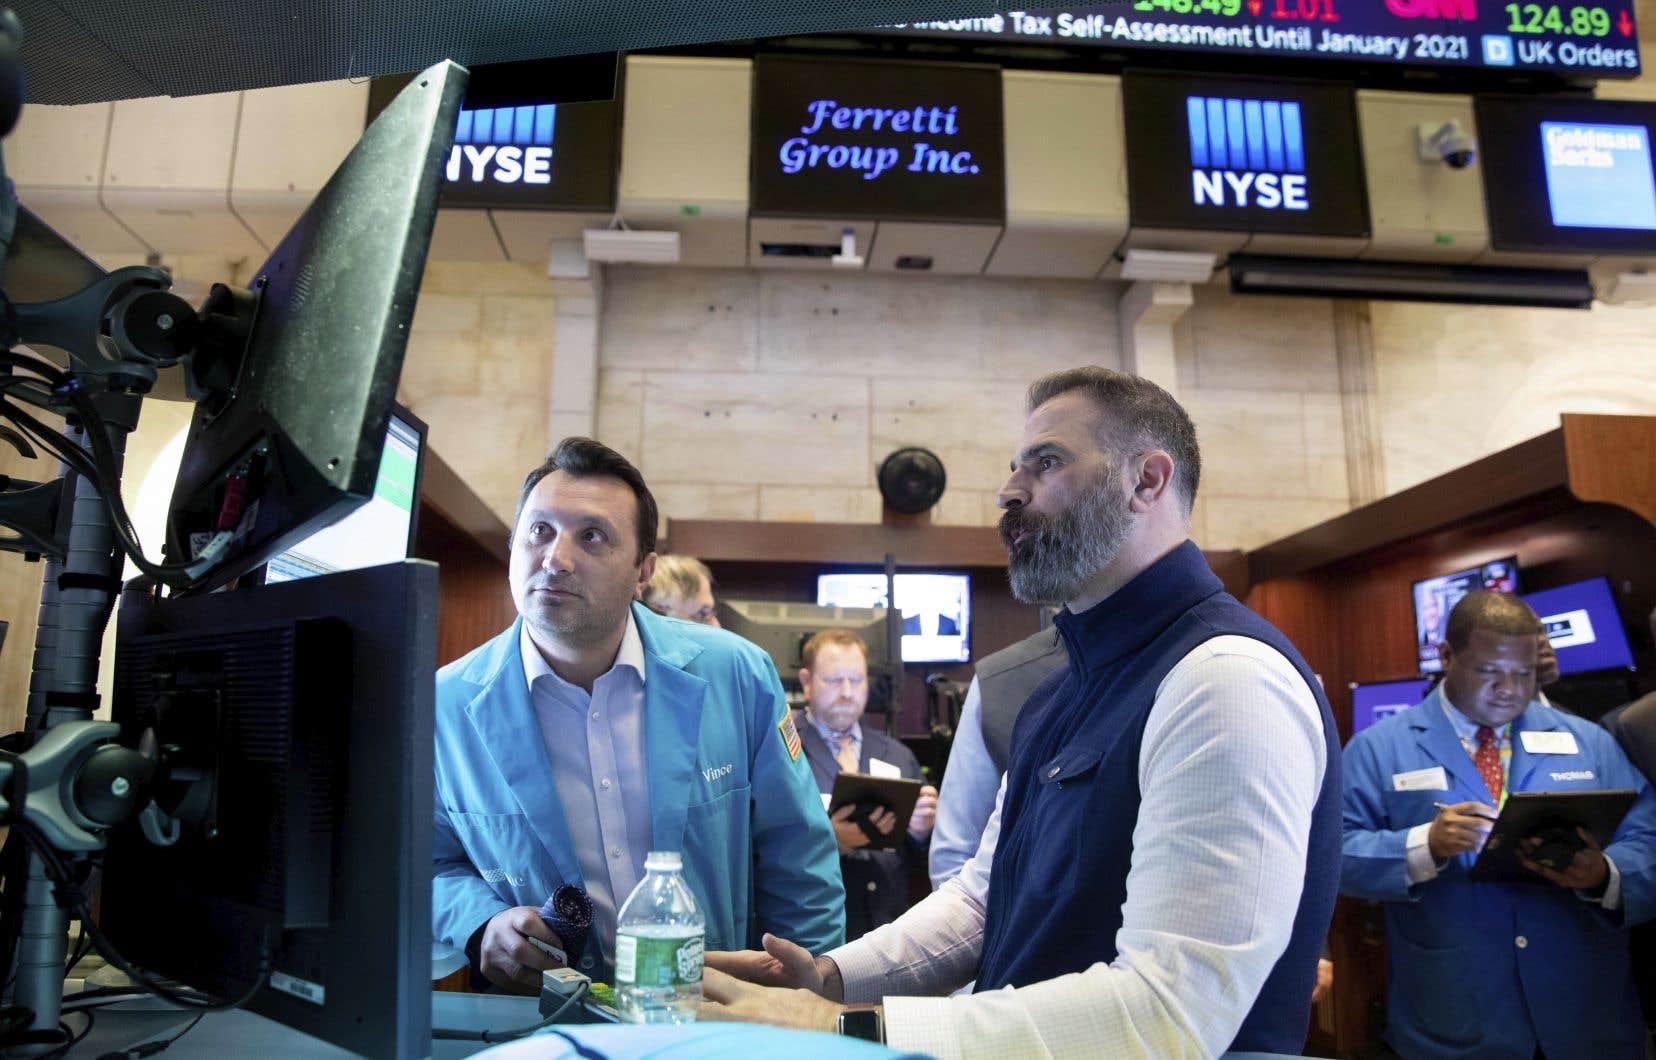 Le Dow Jones est tombé lundi à son plus bas depuis novembre 2016, dans un marché inquiet face à l'impasse politiquesur le plan de relance de l'économie américaine et peu rassurépar les nouvelles annoncesde la Fed.